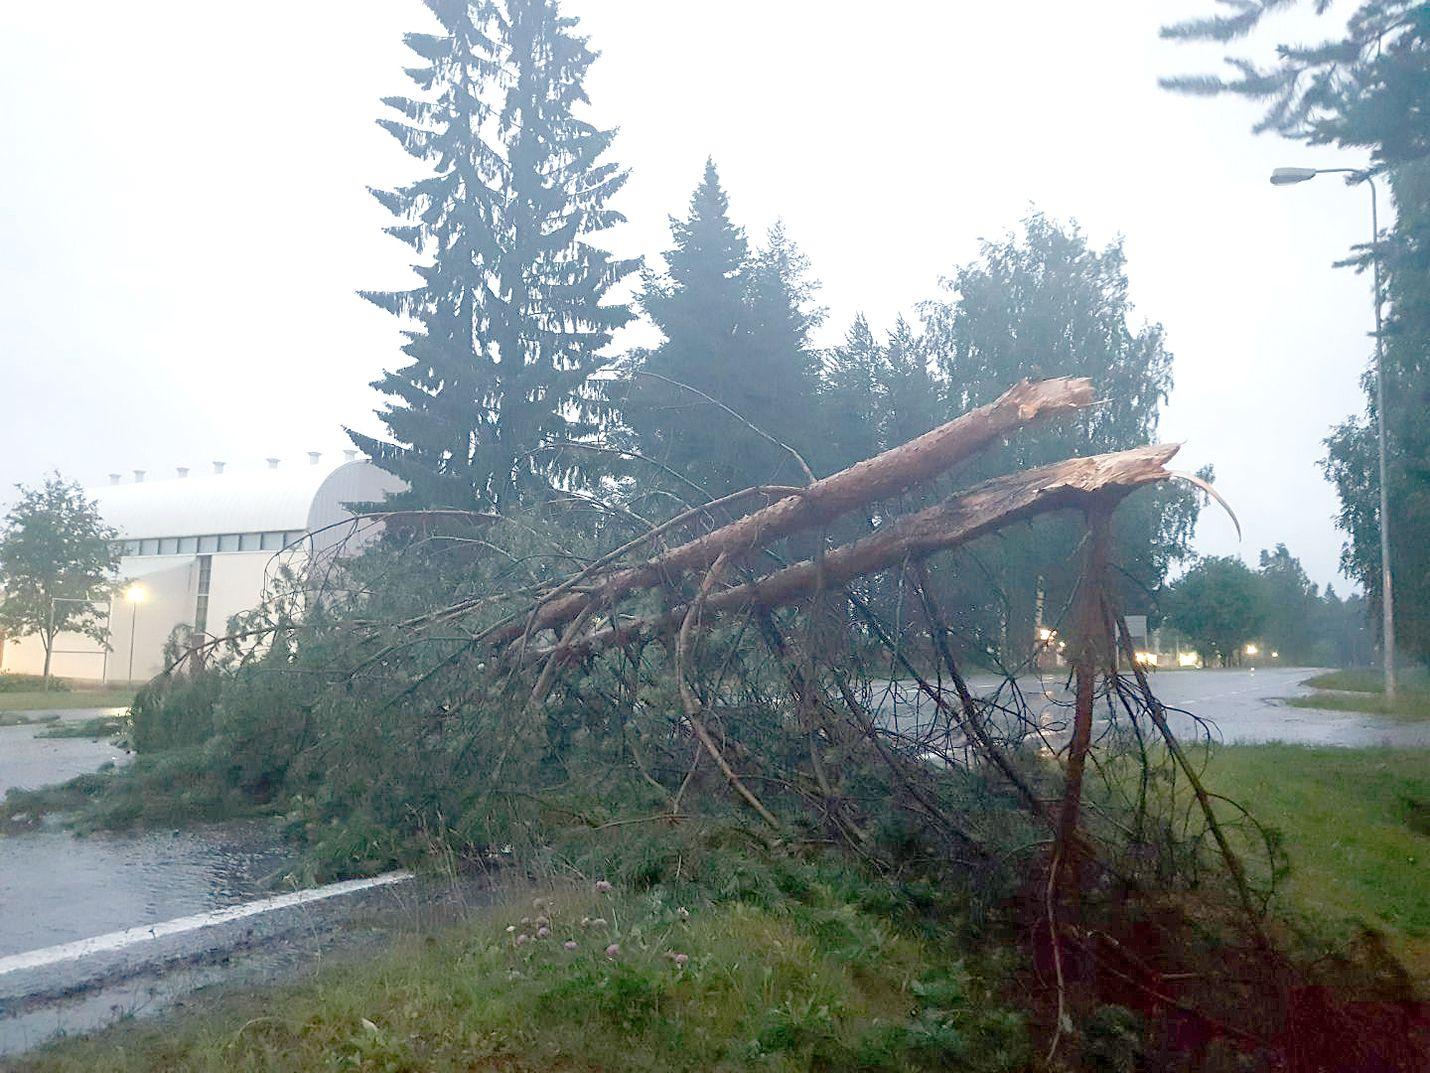 Kajaanissa Kainuussa Päivö-myrsky kaatoi puita tielle.